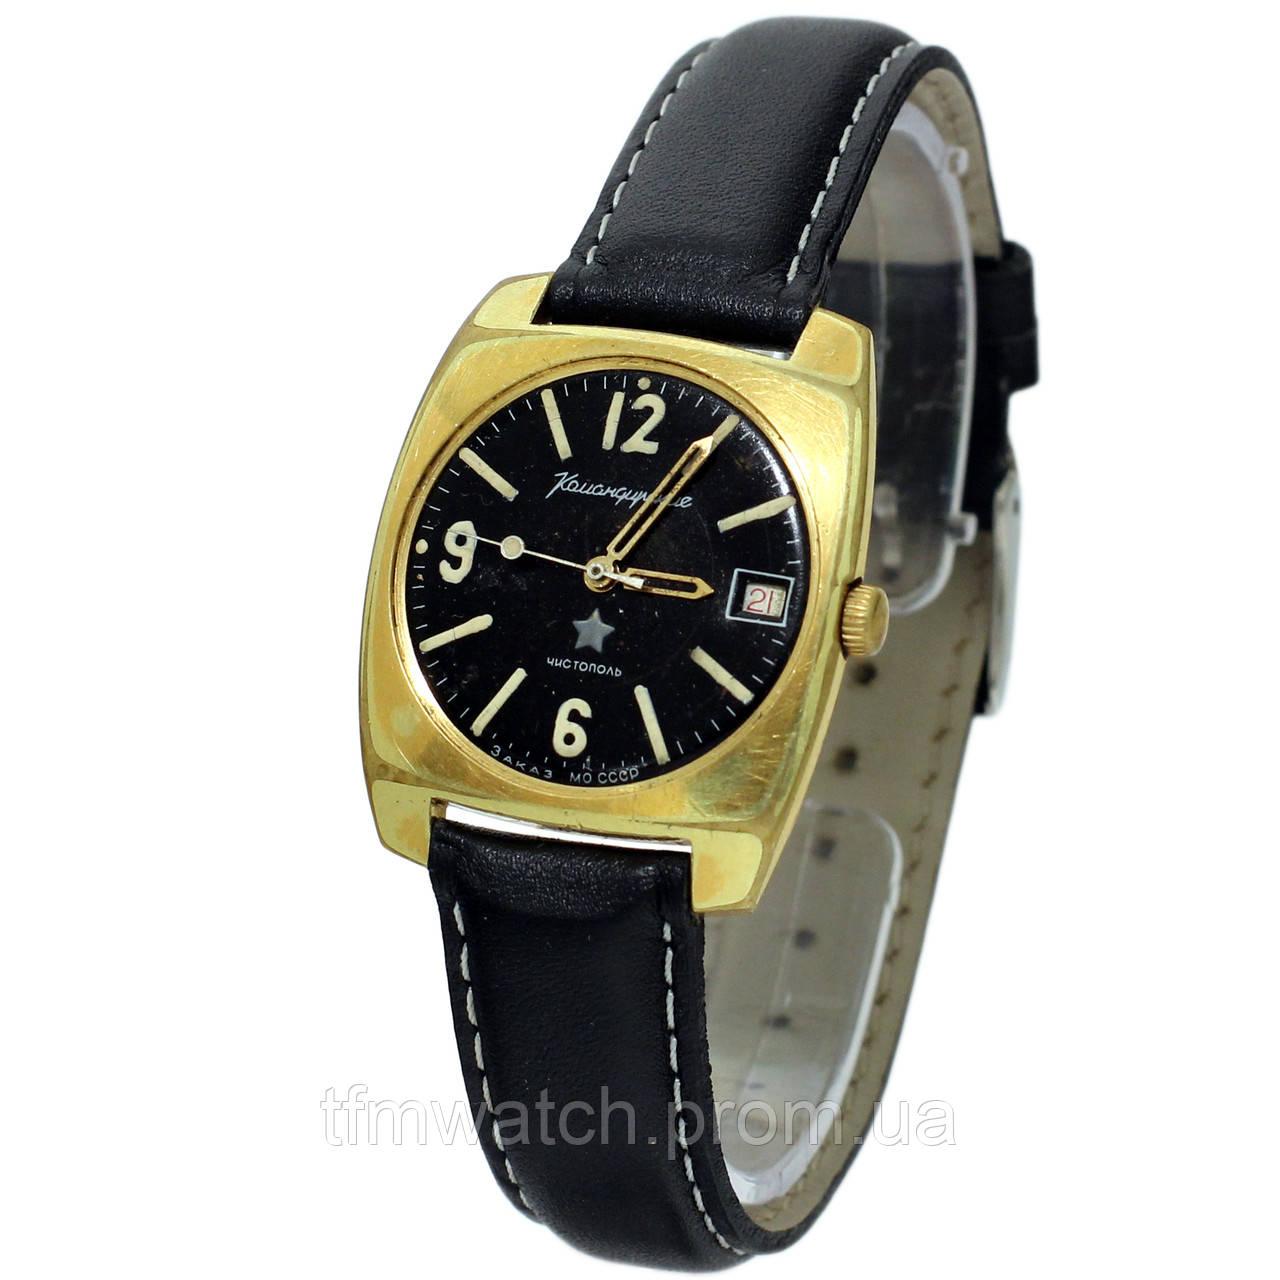 085c3f96 Позолоченные Командирские часы Чистополь заказ МО СССР - 買い腕時計ソ - Магазин  старинных, винтажных